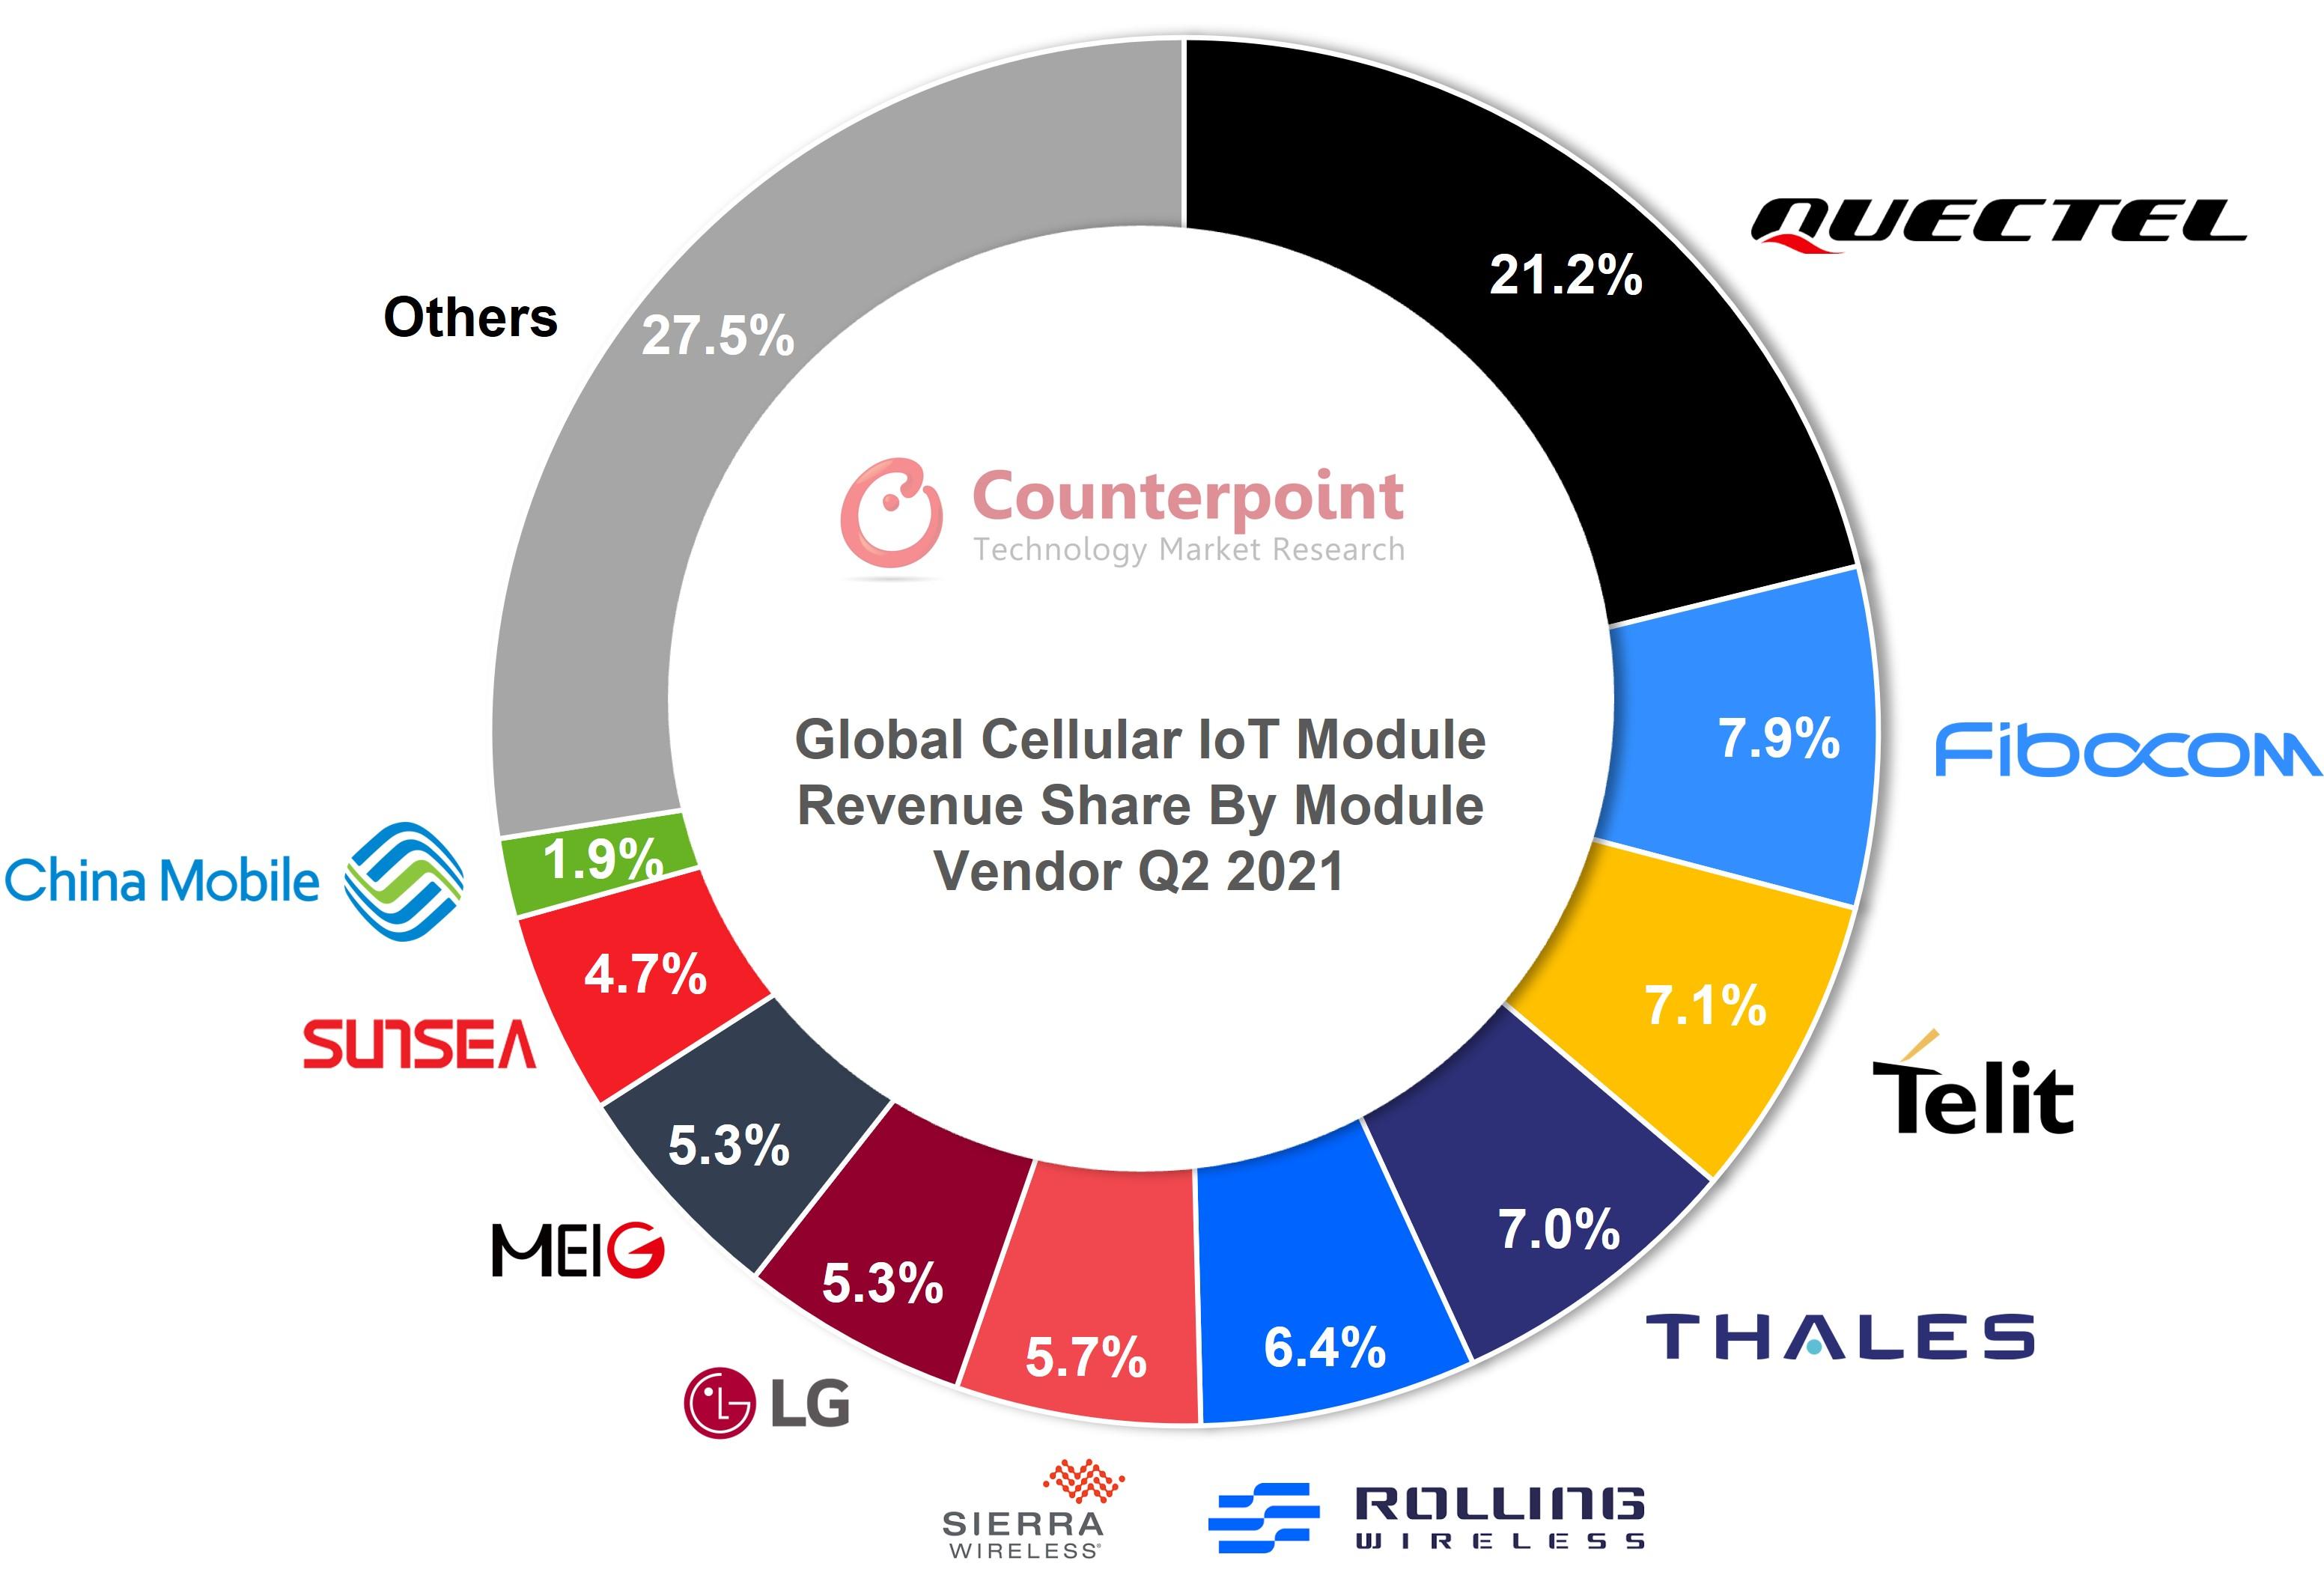 전 세계 셀룰러 IoT 모듈 생산 1억대 돌파